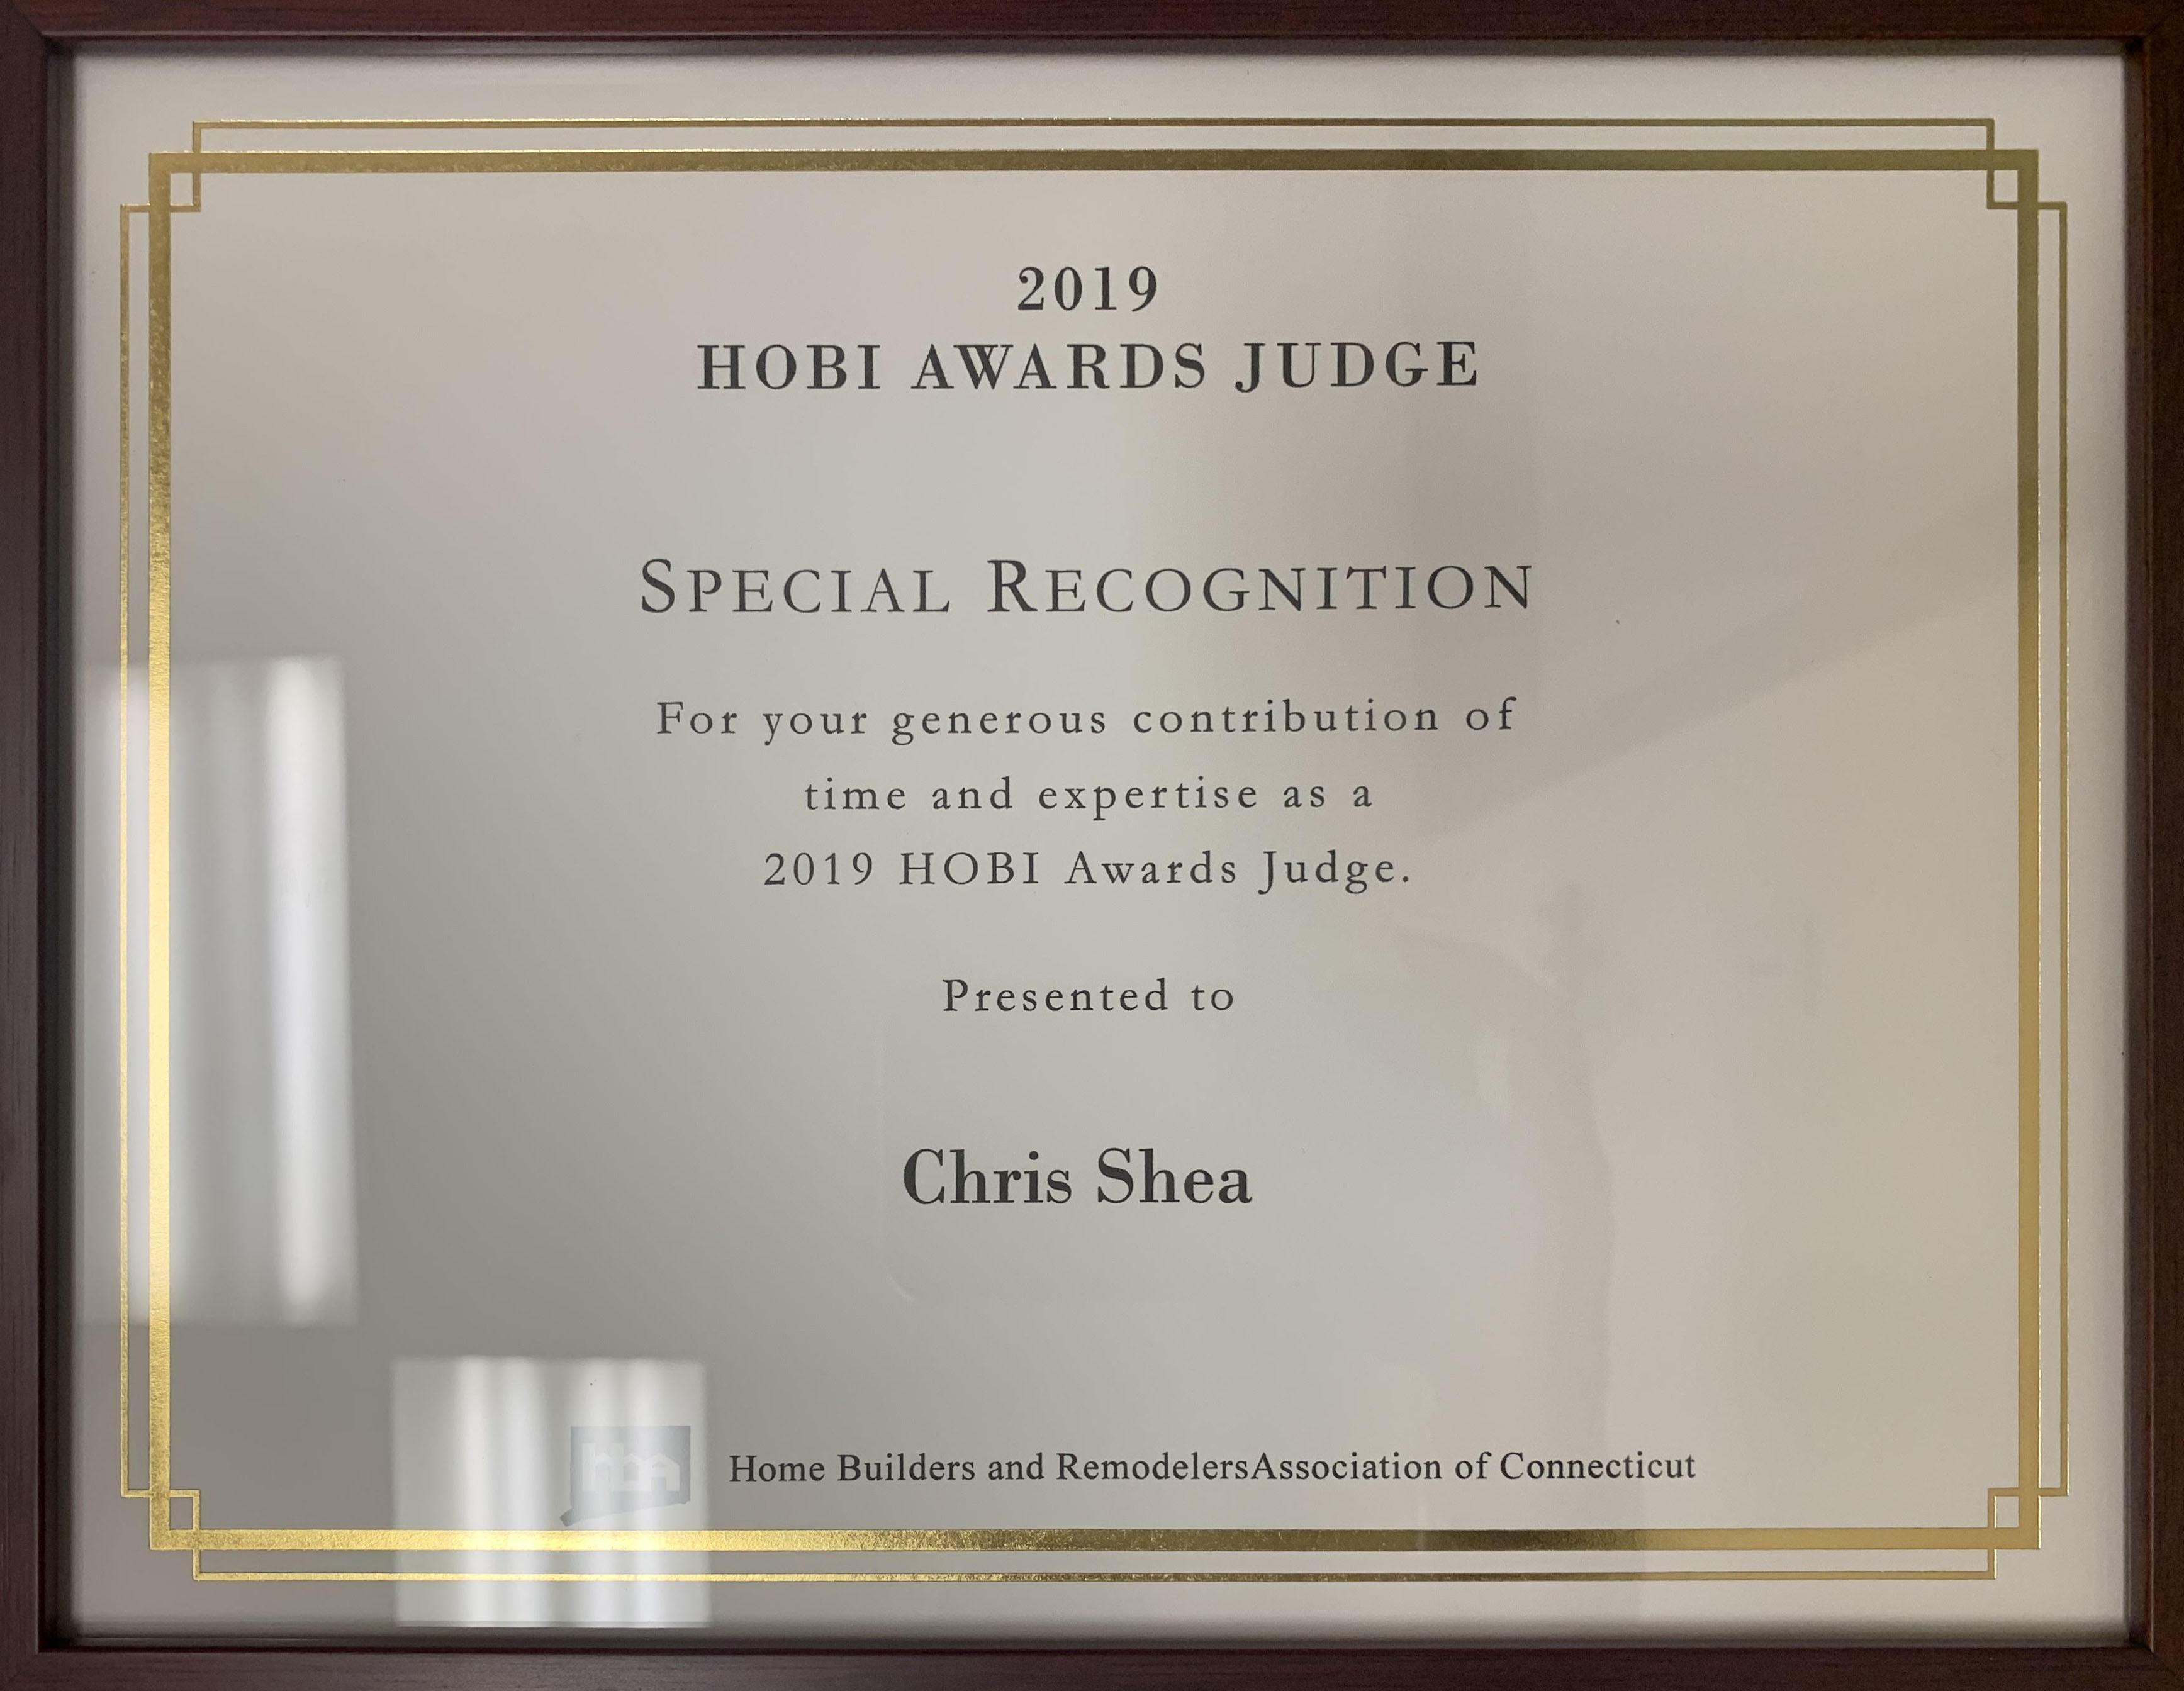 2019 HOBI Awards Recognition